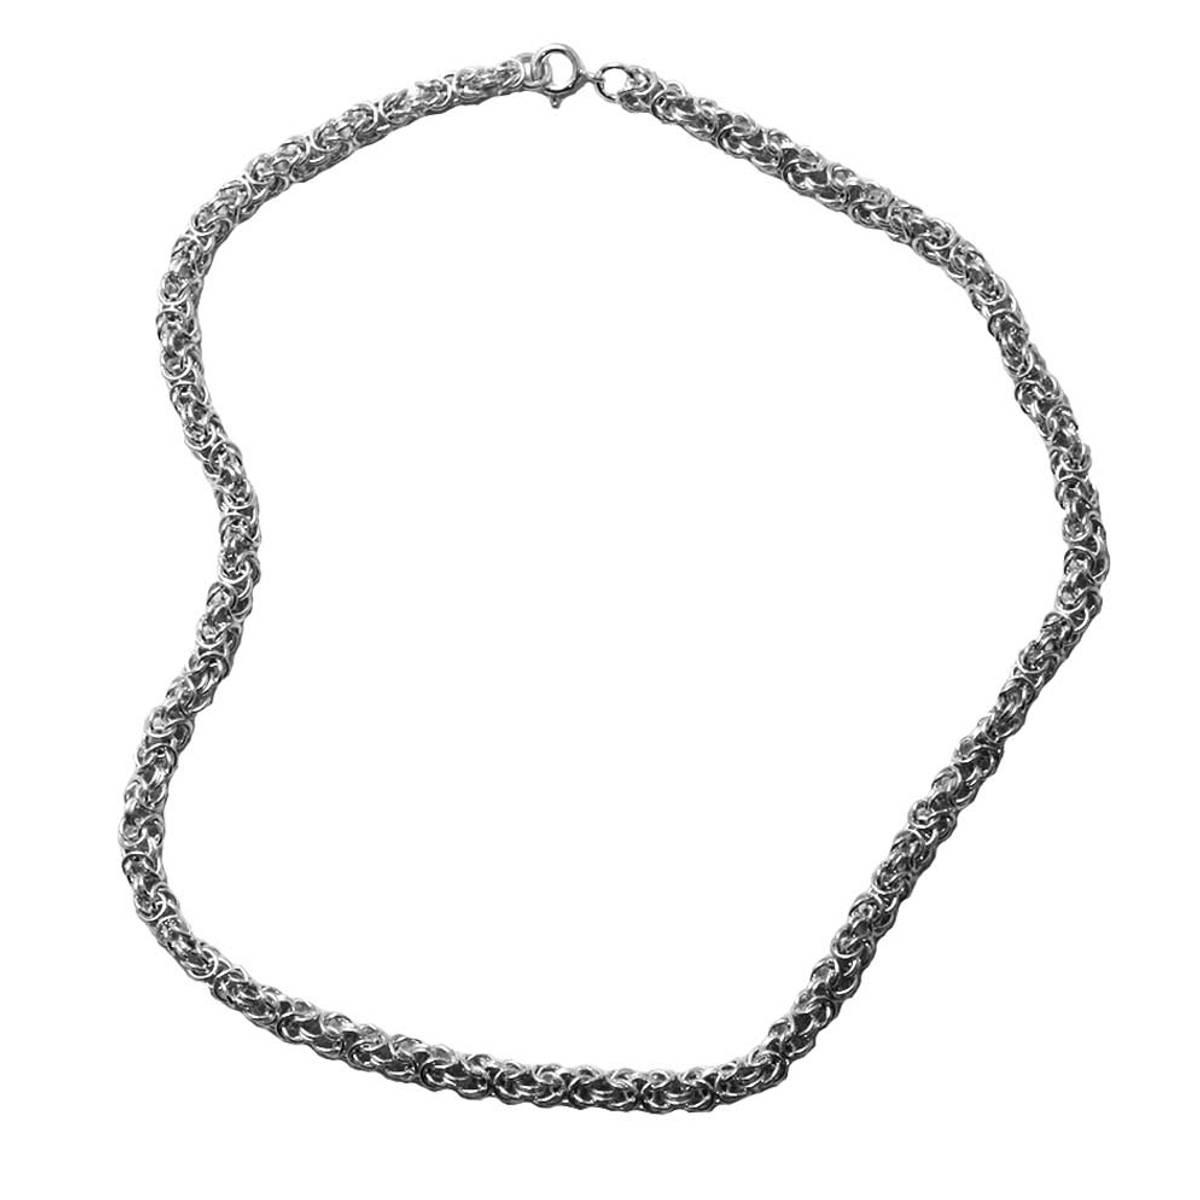 Kongelenke Halskjede 4 mm - Sølv